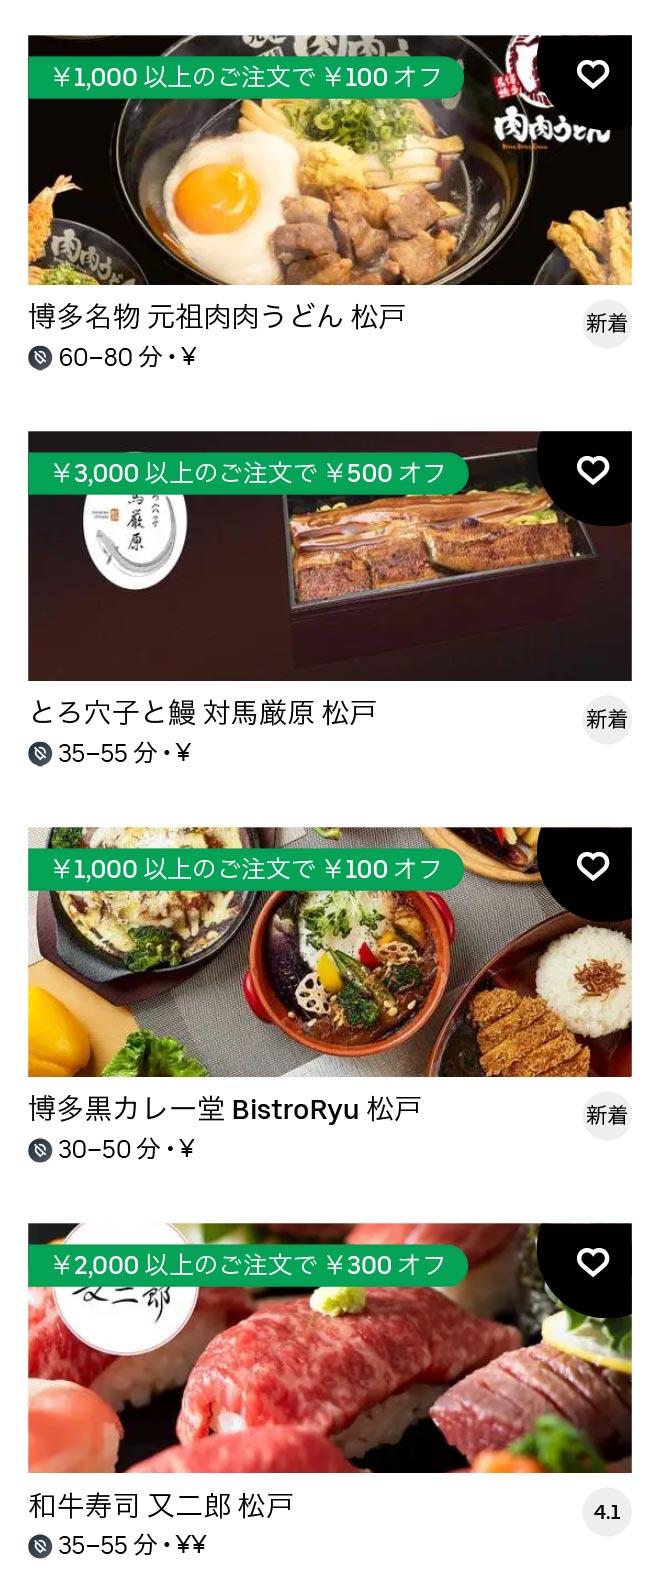 Nagareyama ootaka menu 2011 06